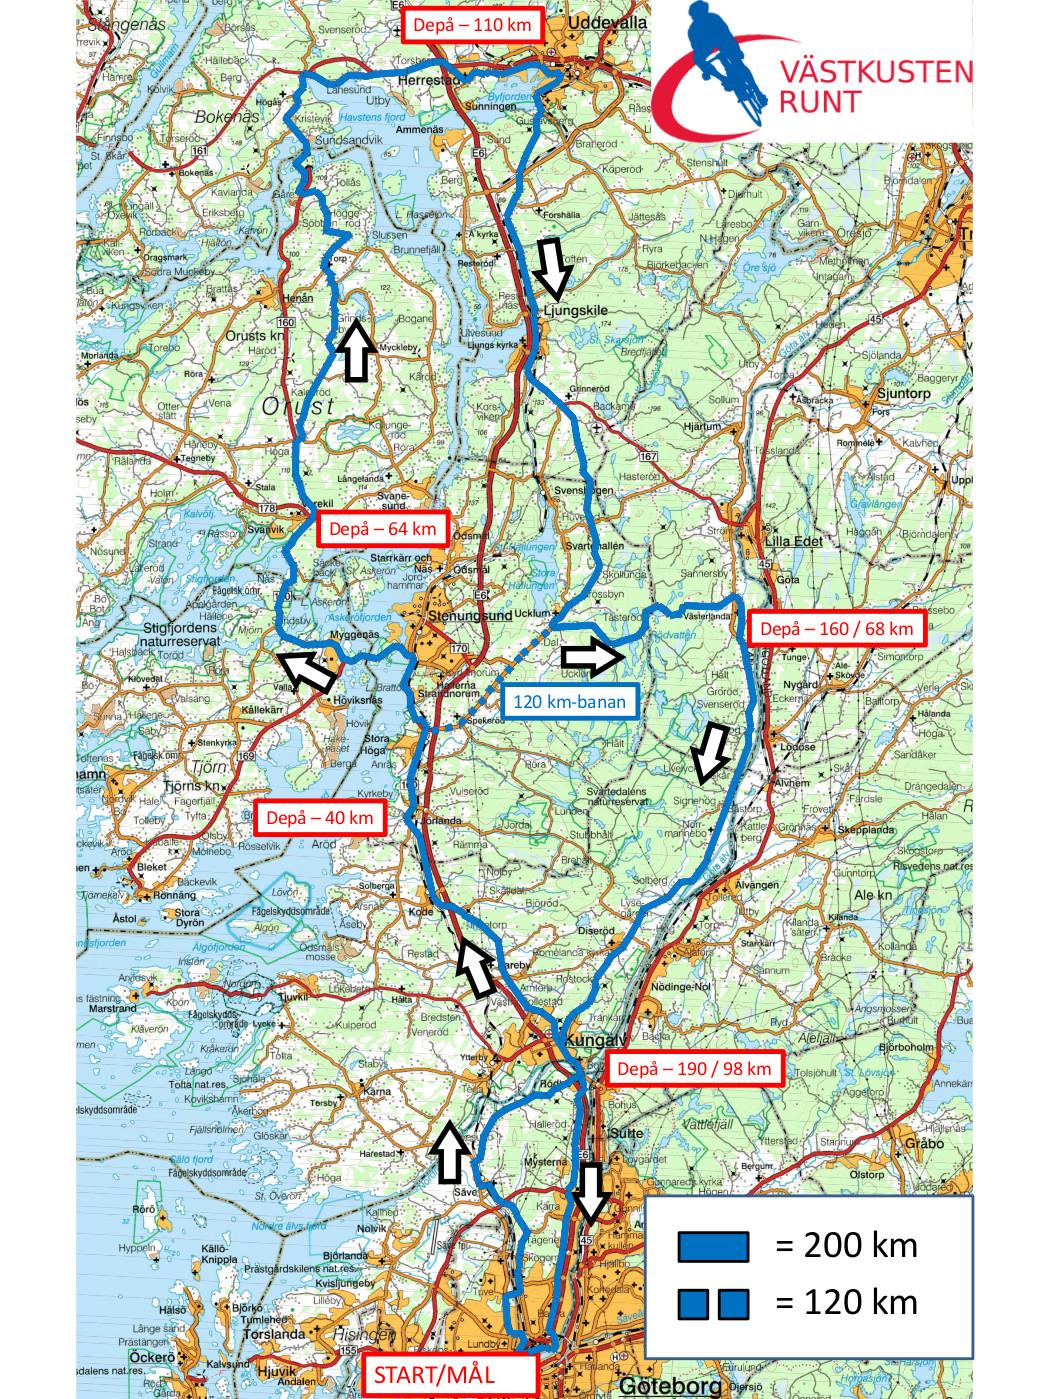 västkusten sverige karta Kartor   Västkusten Runt   Göteborgs längsta motionslopp på cykel västkusten sverige karta